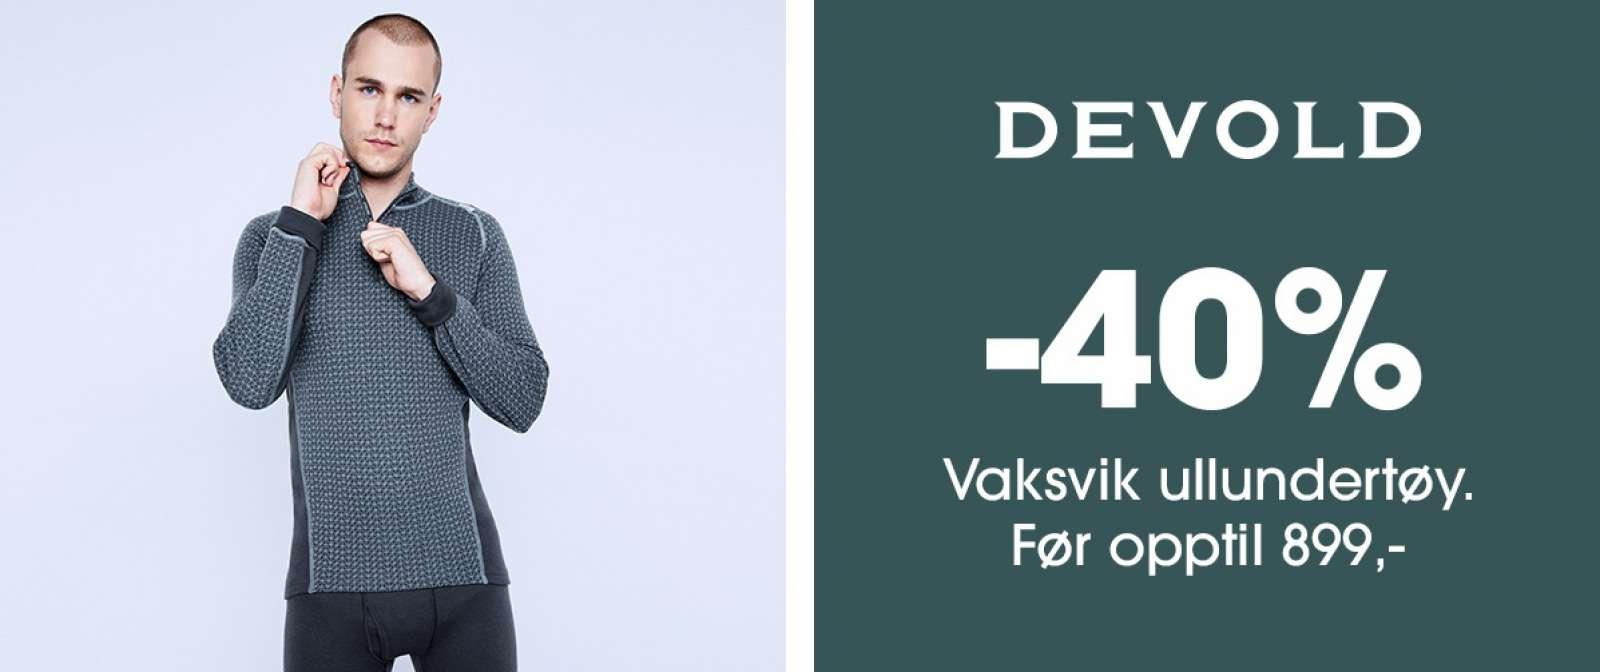 Devold2